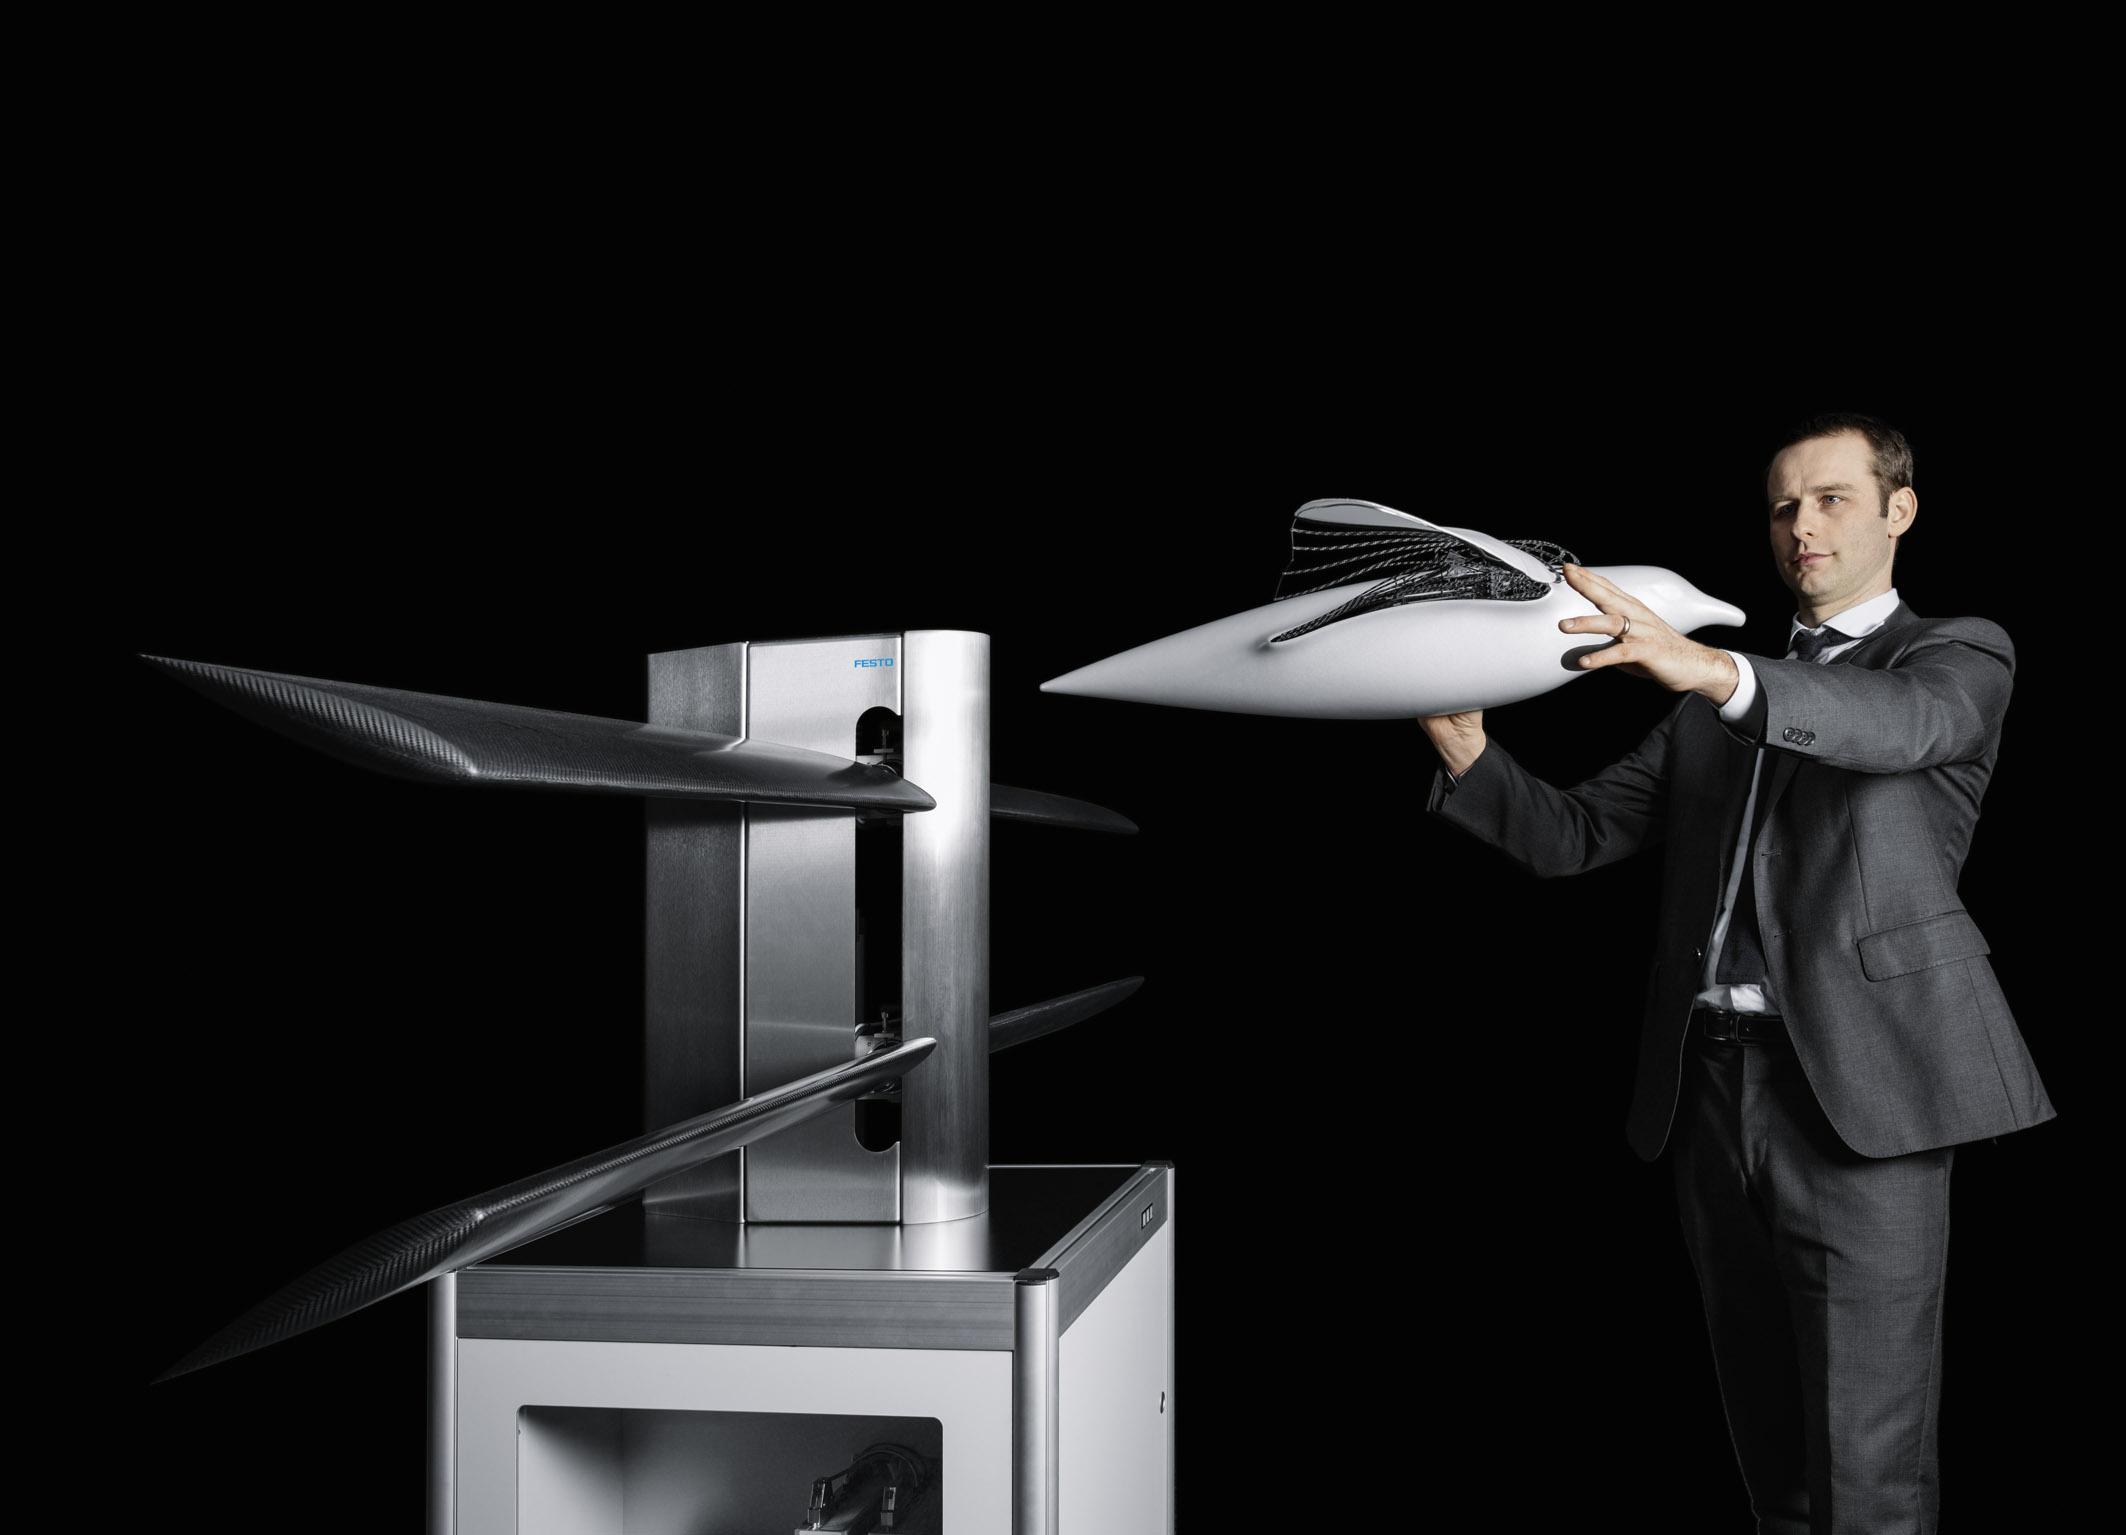 Ветрогенератор на основе технологий крыльев птицы